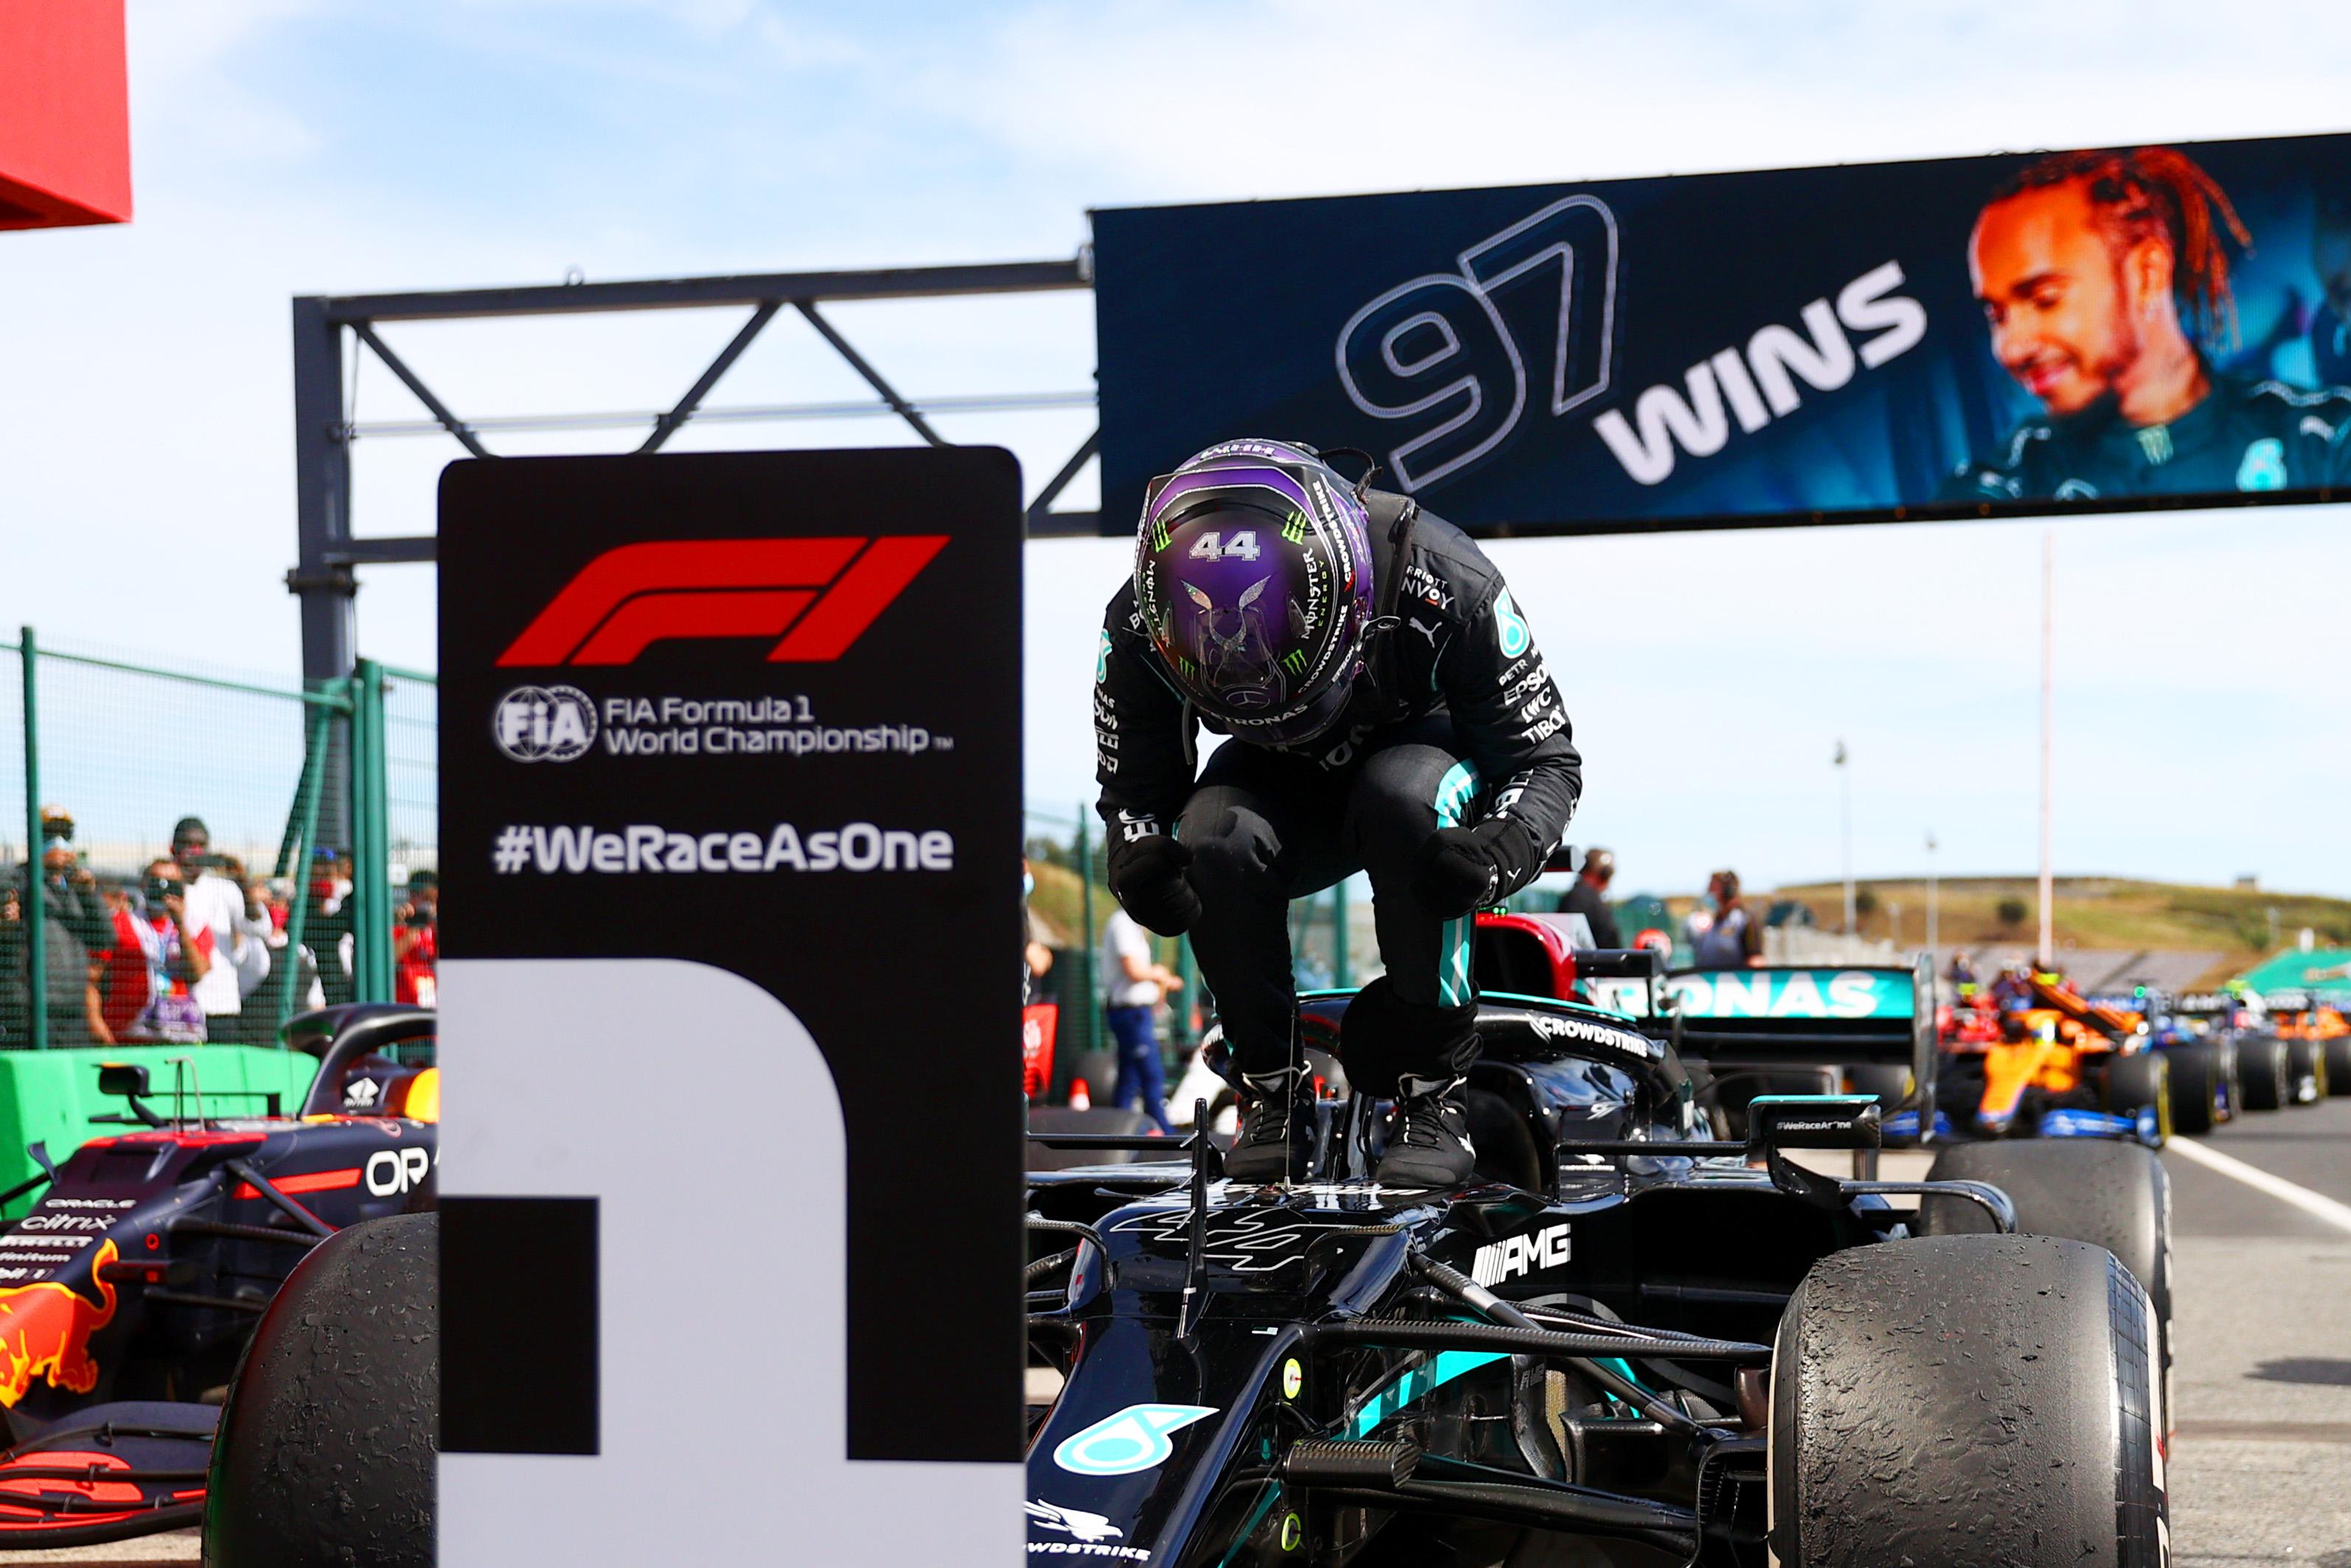 F1 Grand Prix of Portugal: Lewis Hamilton